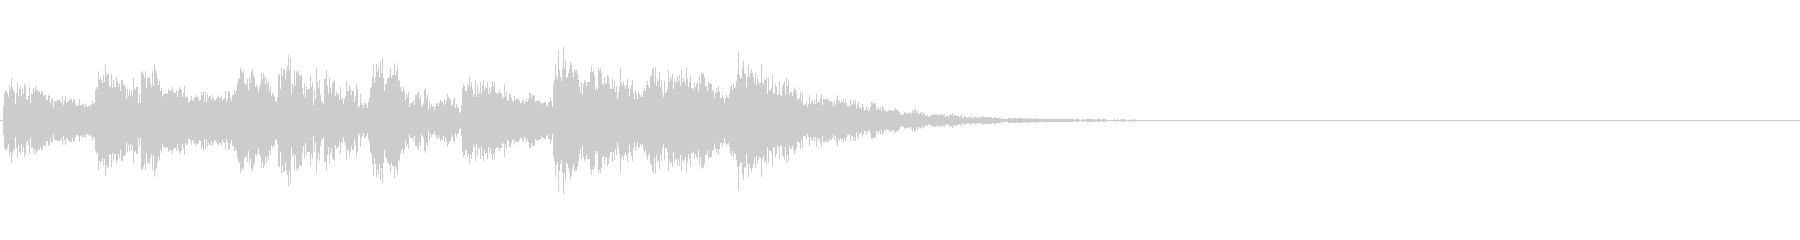 尺八と太鼓のジングルの未再生の波形